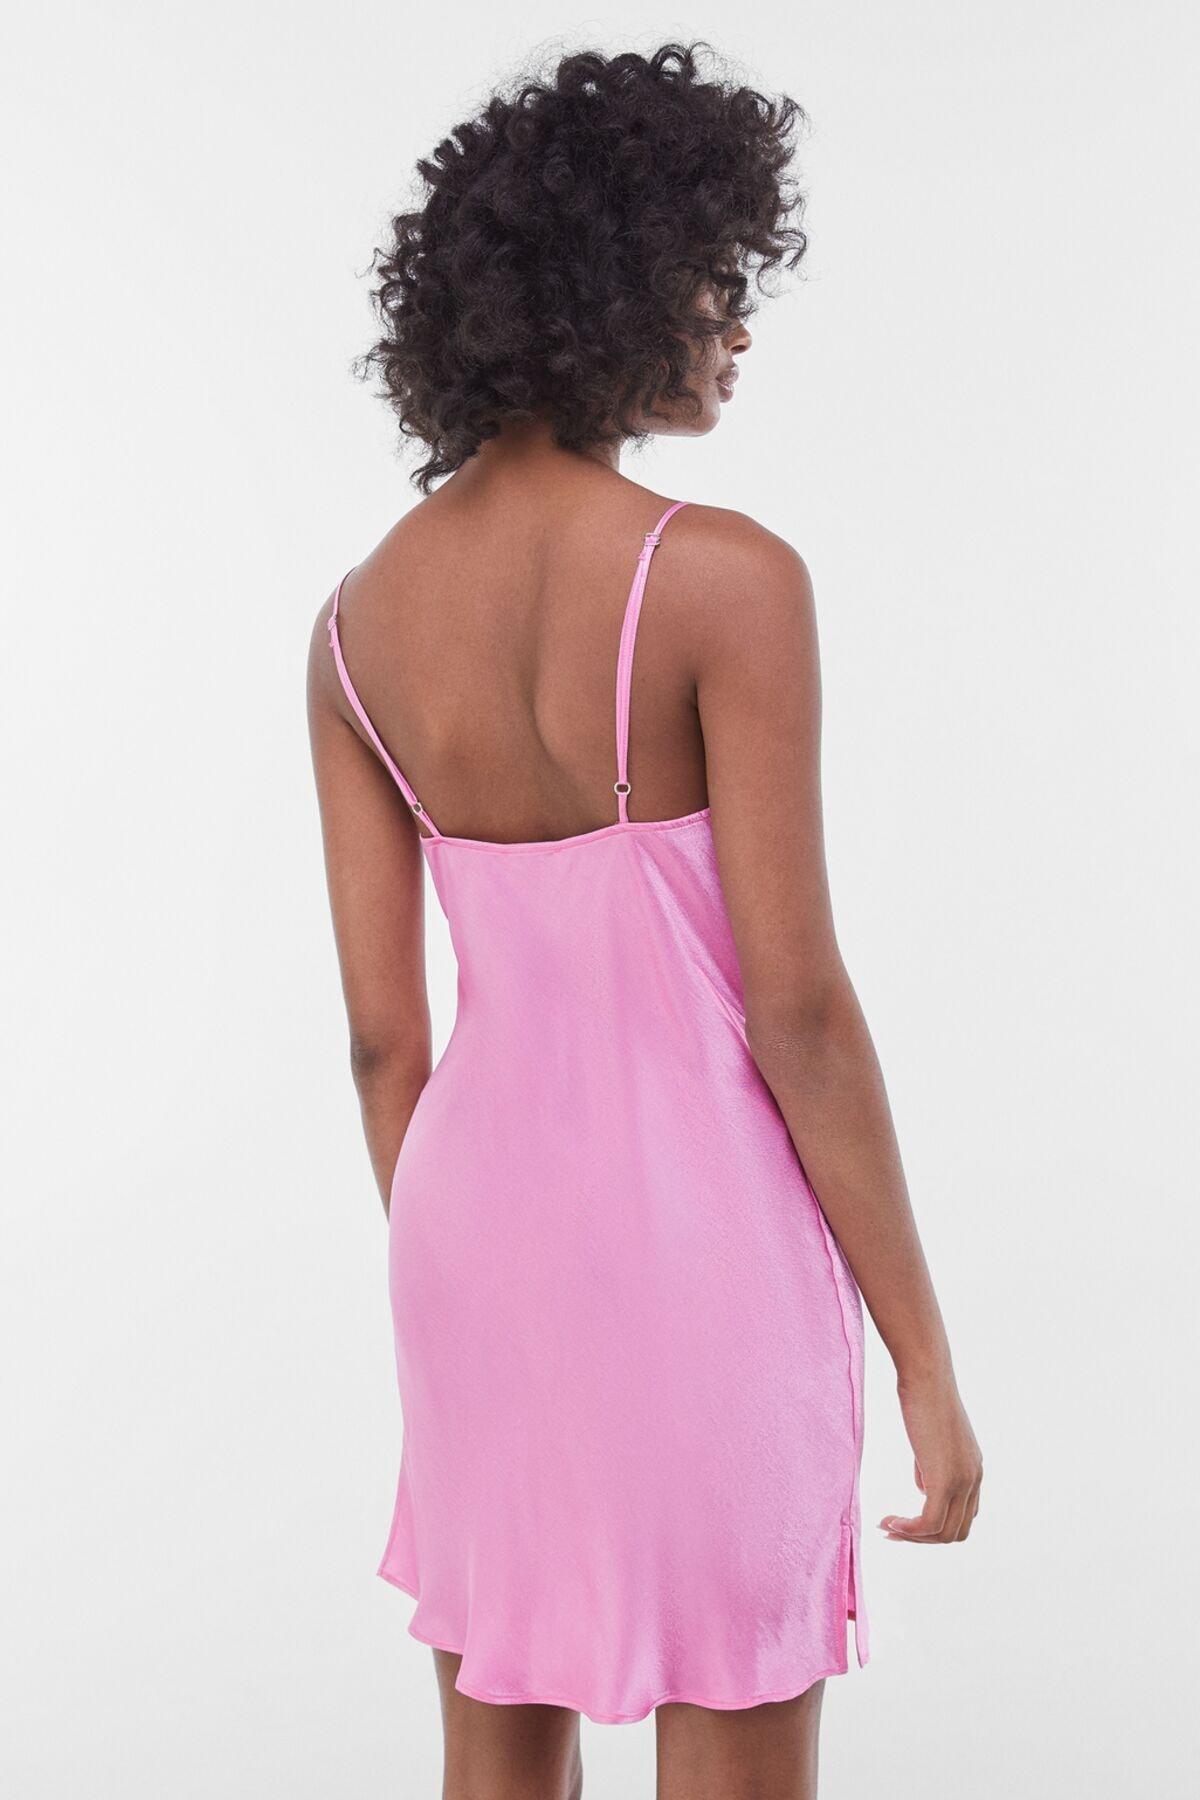 Bershka Kadın Fuşya Saten Mini Slip Elbise 00581168 1